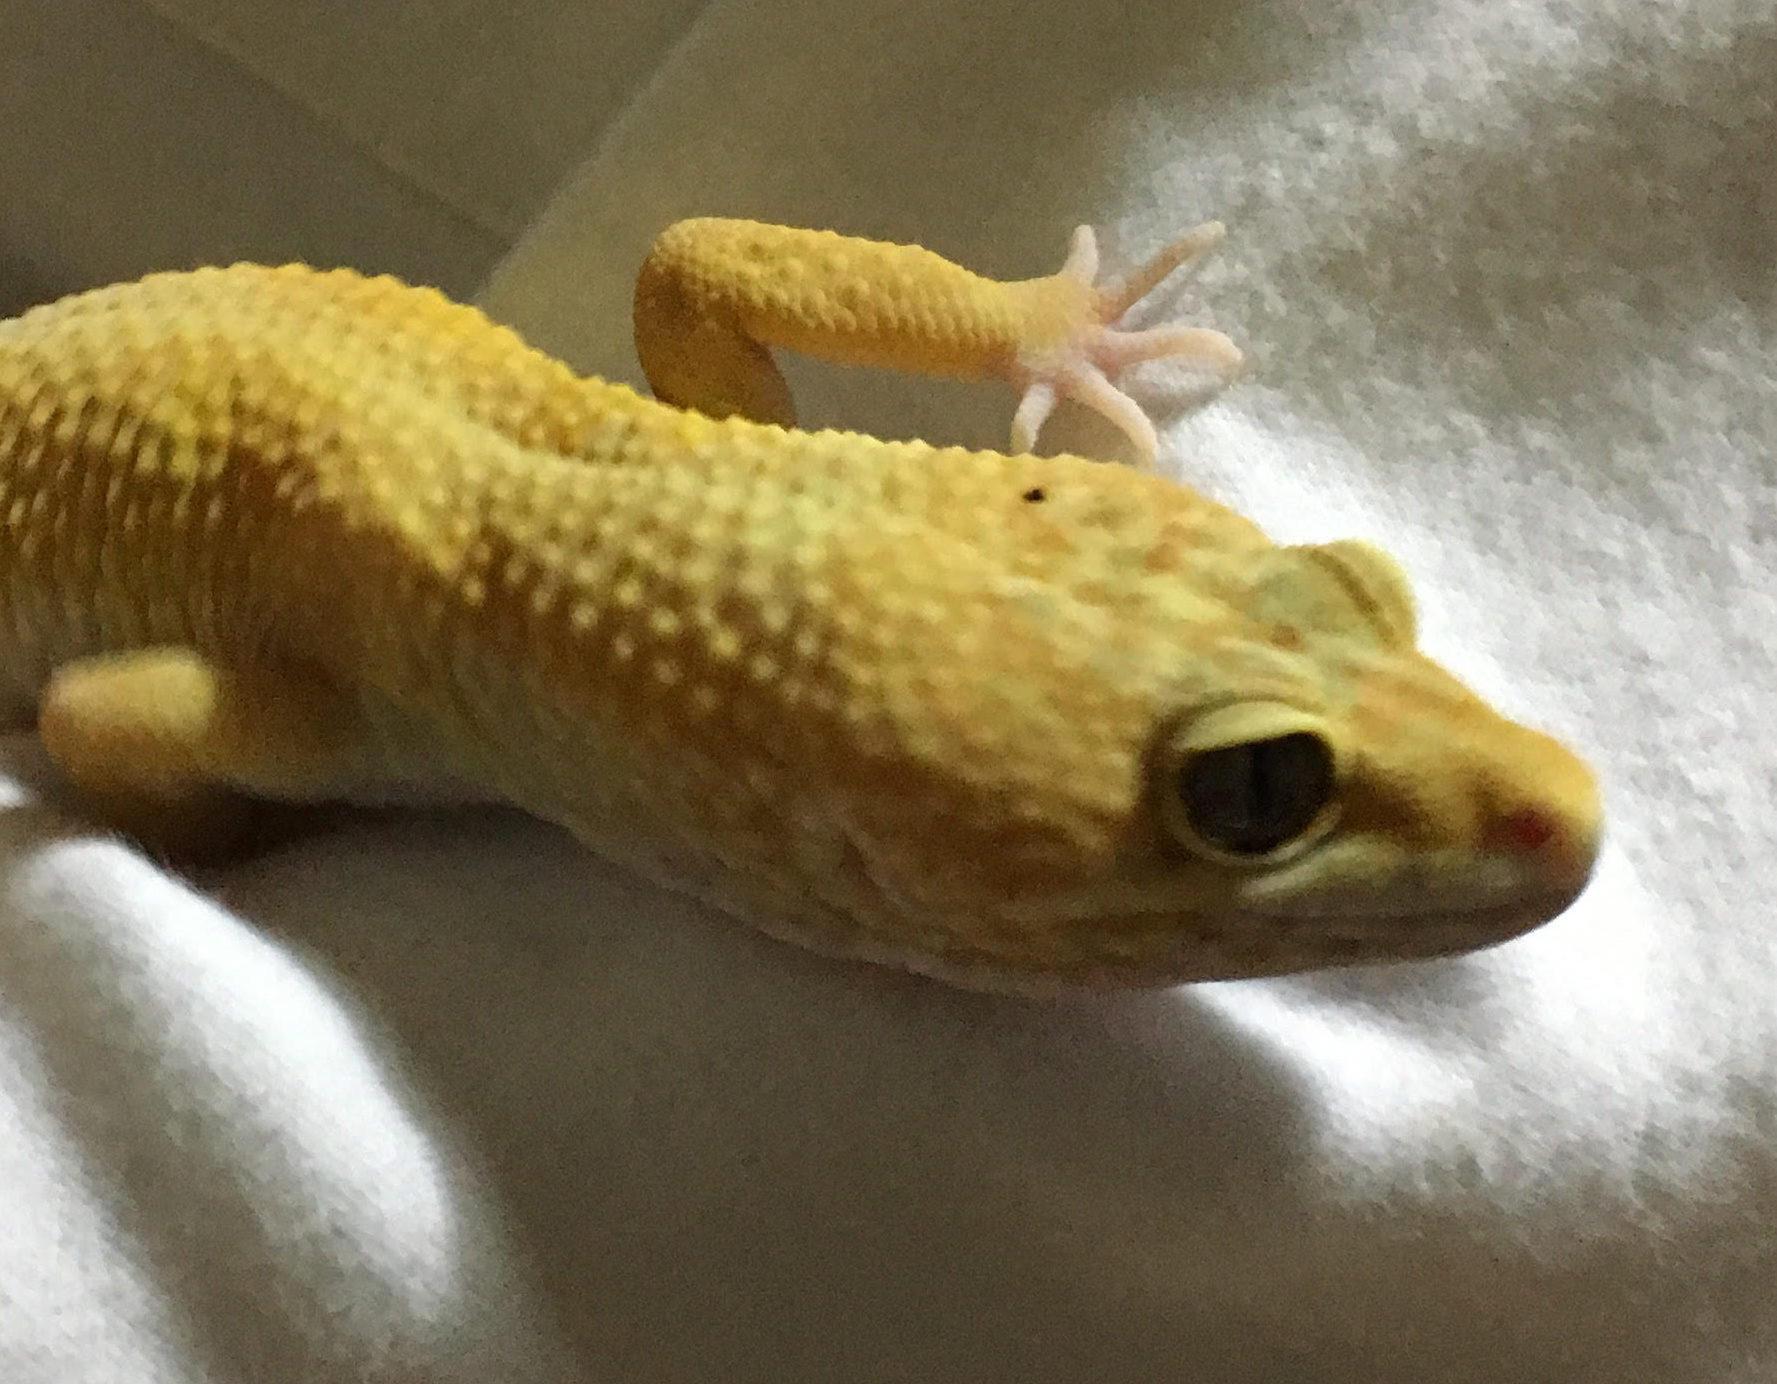 爬虫類の飼育における『簡単』という言葉の意味と新規飼育者について考えてみた